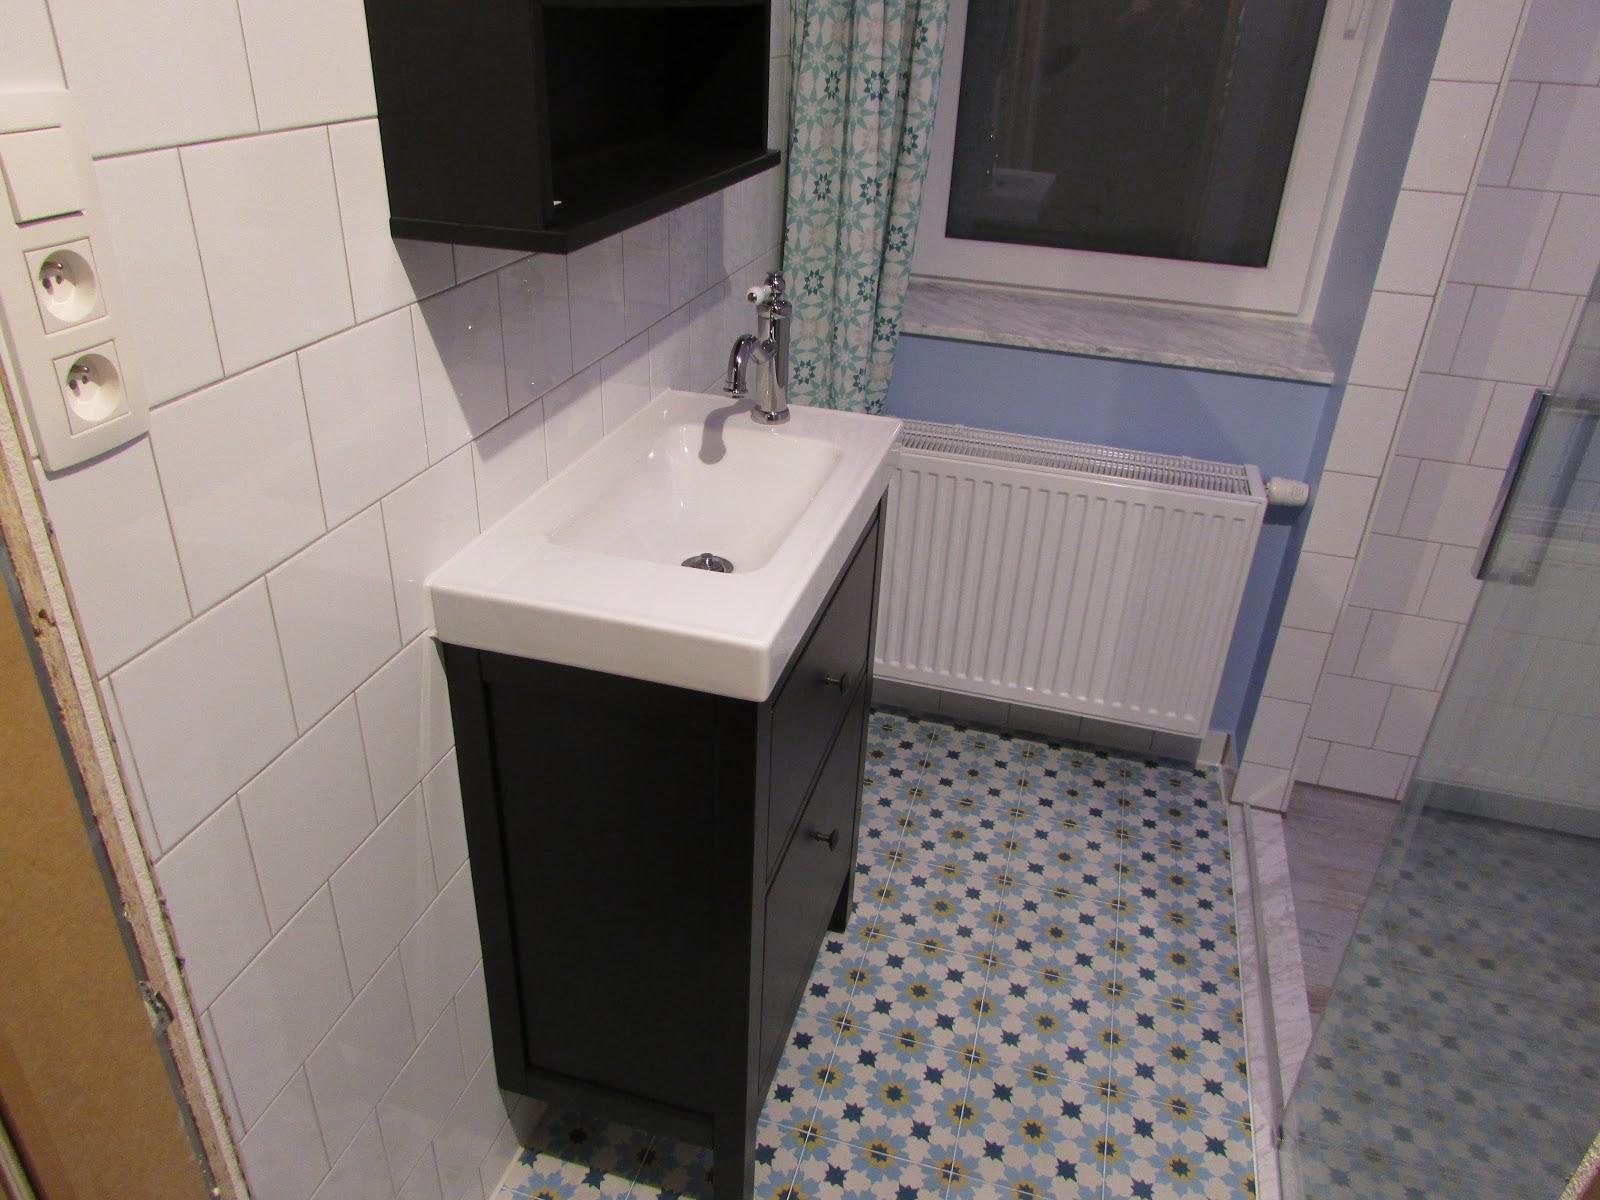 Verbouwing van ons ouderlijk huis: inrichting badkamer 2